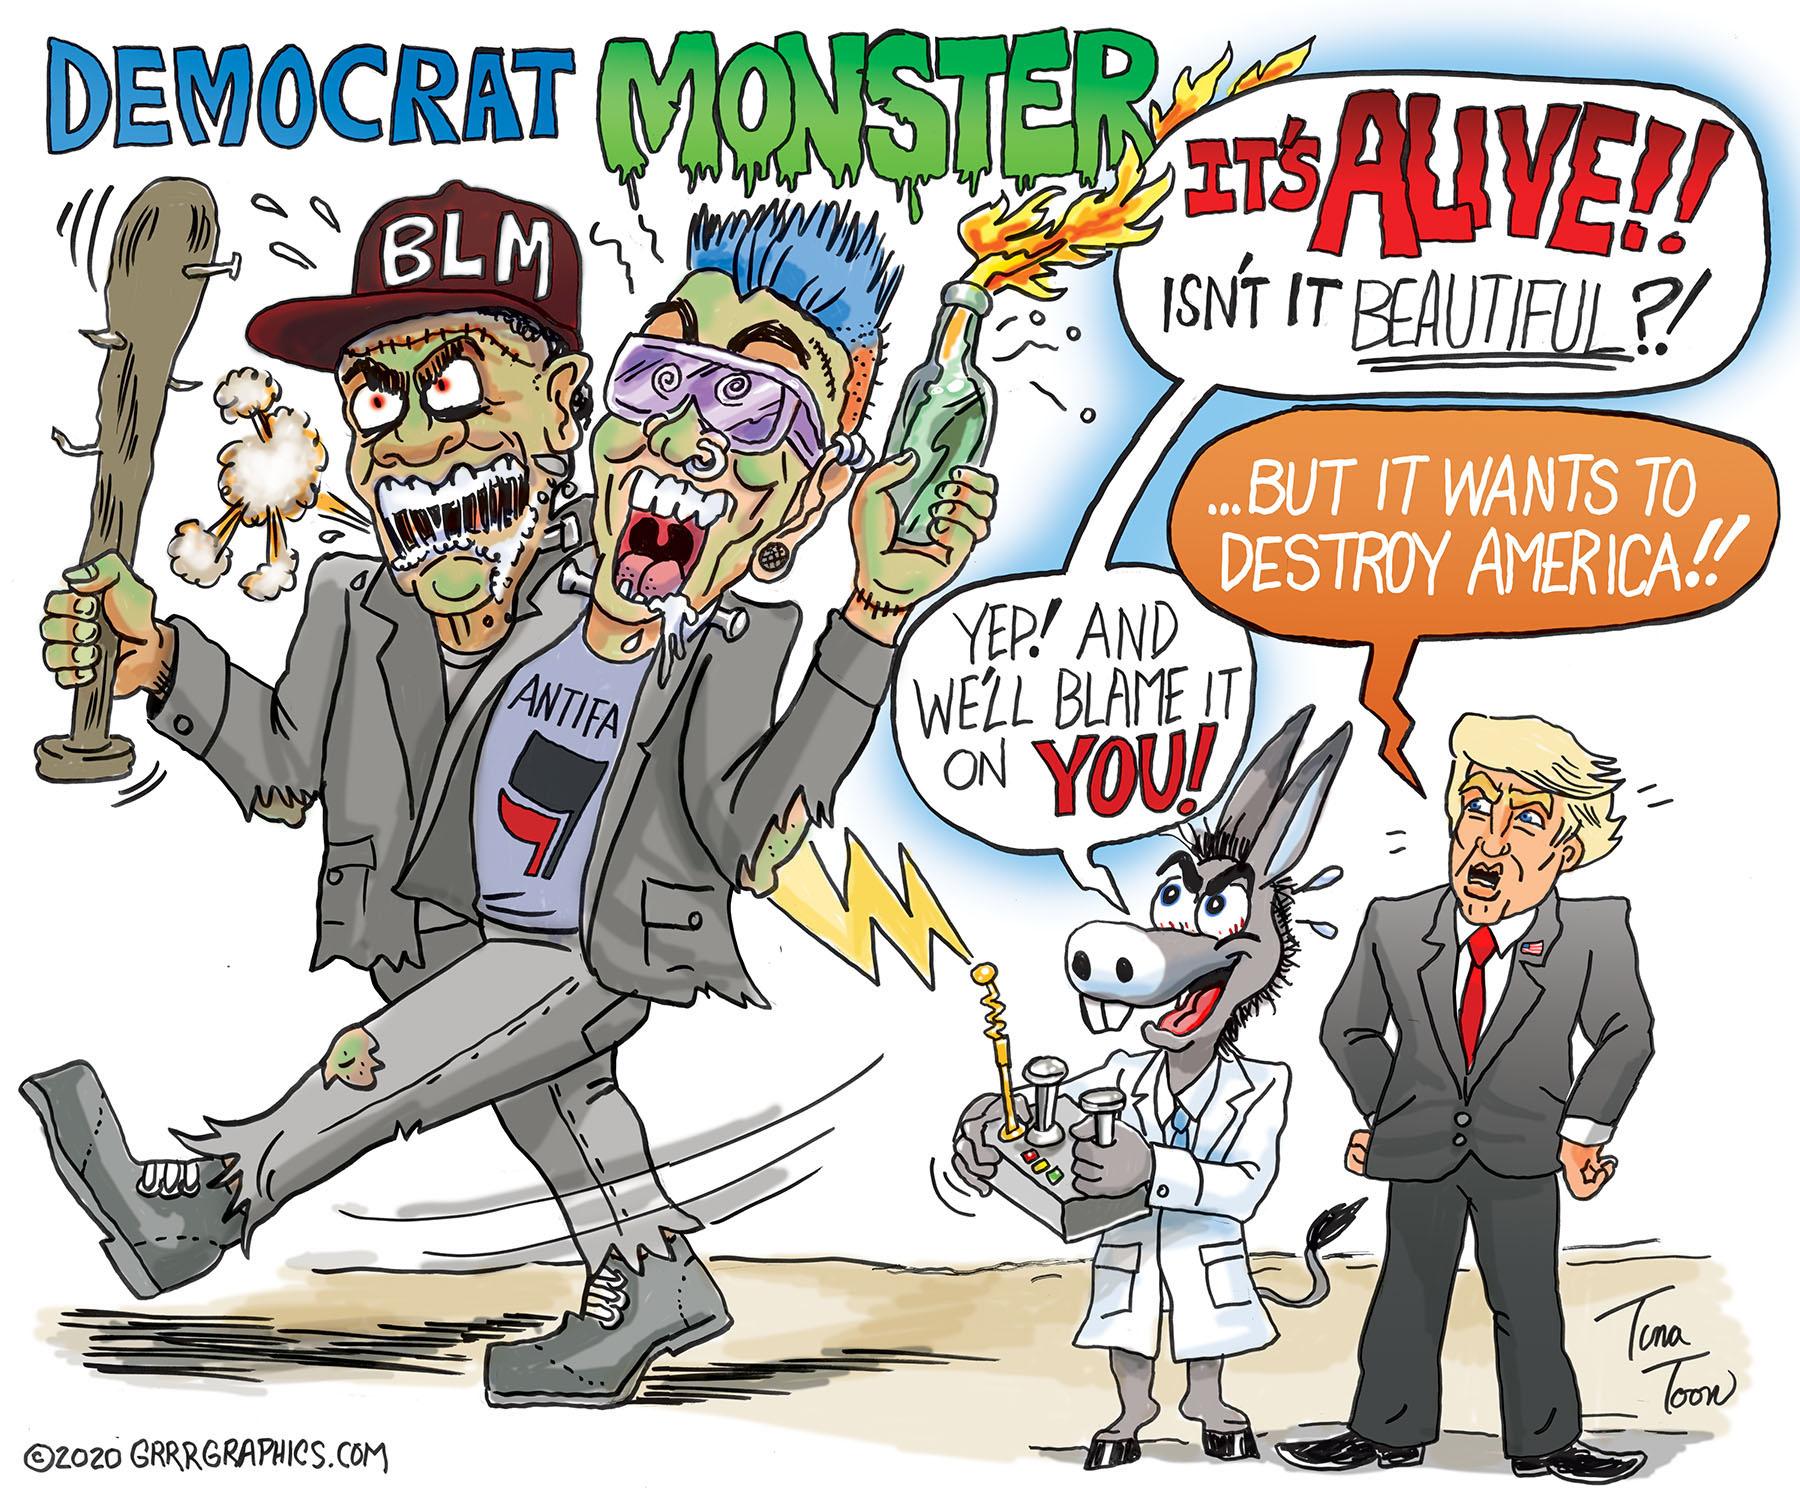 DEMOCRAT MONSTER